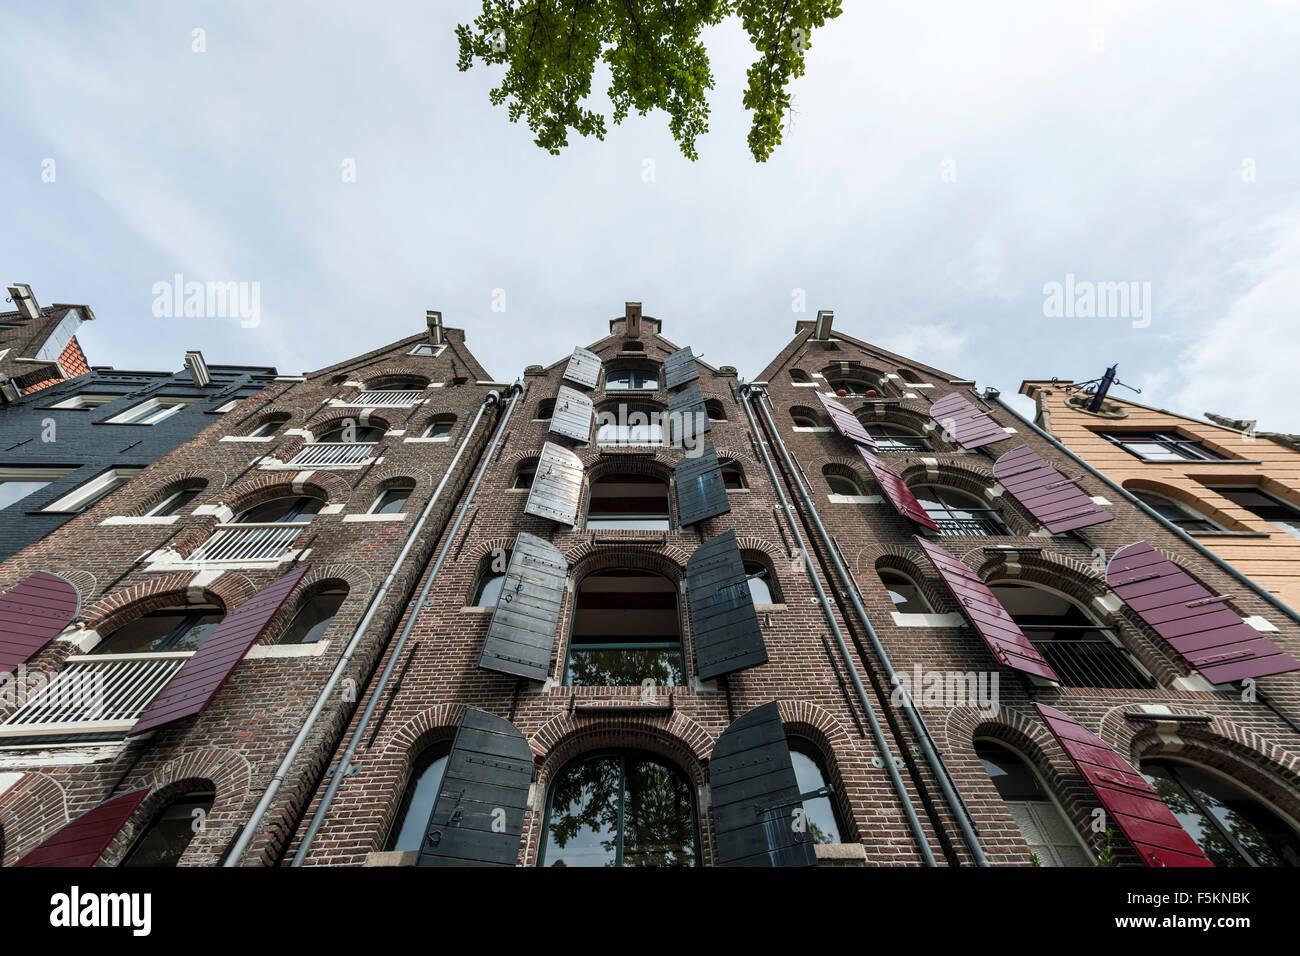 Casas del canal en la parte vieja de la ciudad, Ámsterdam, Países Bajos. Imagen De Stock